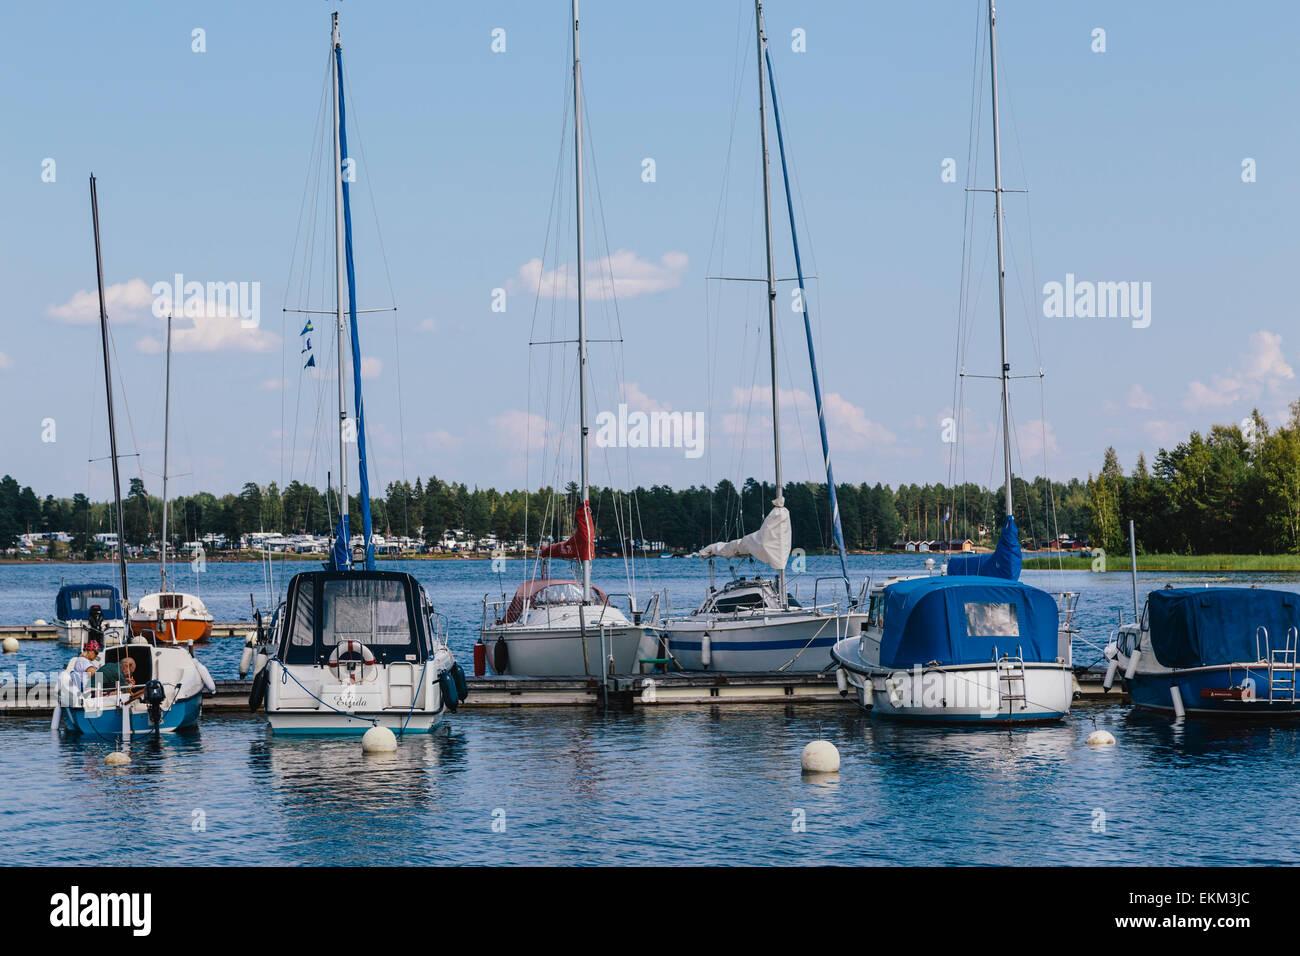 Lake Siljan in Mora, Dalarna County, Sweden - Stock Image